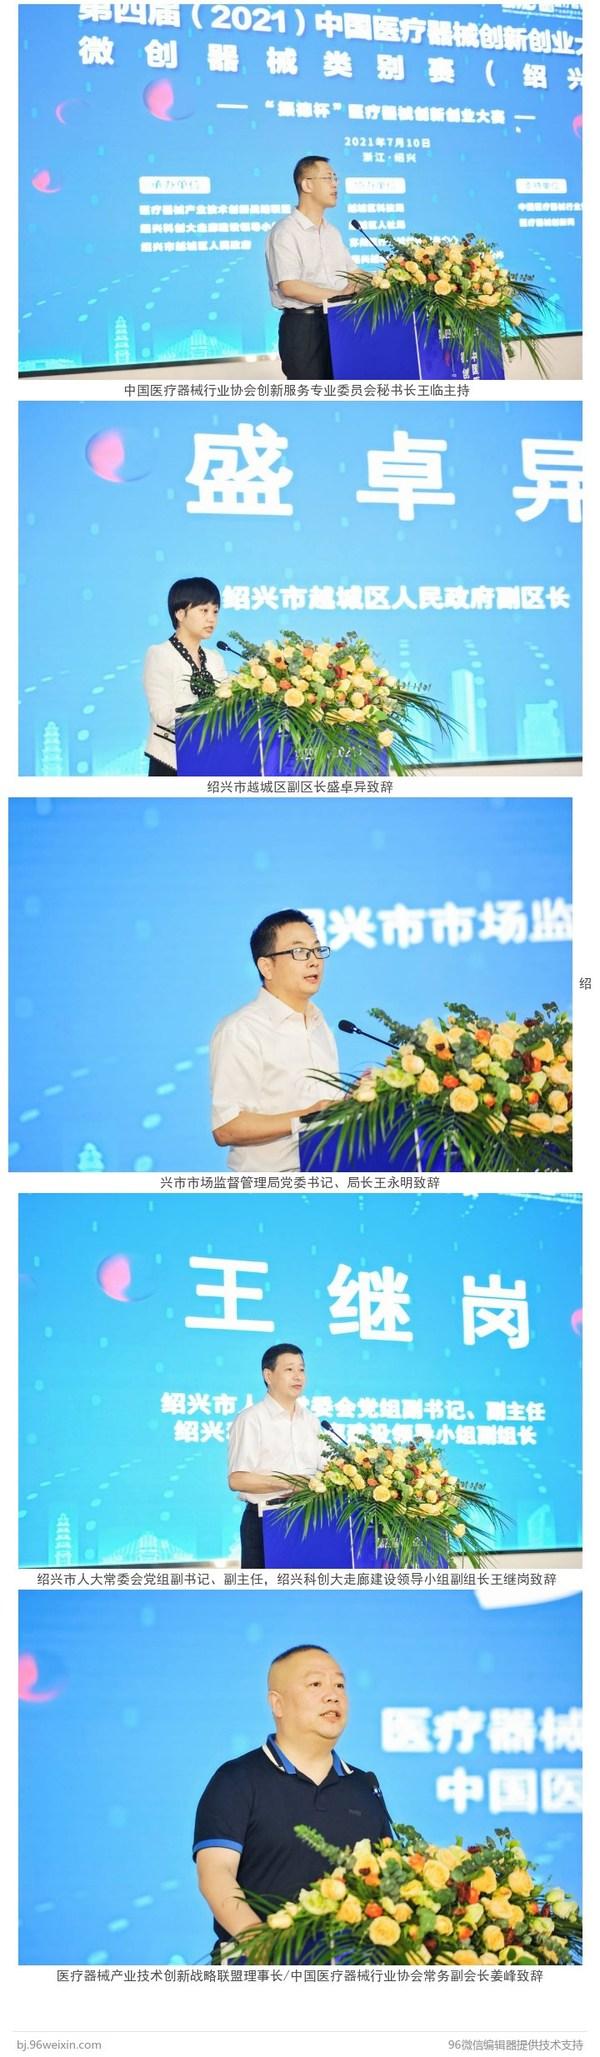 第四届(2021)中国医疗器械创新创业大赛赛事在浙江绍兴拉开帷幕